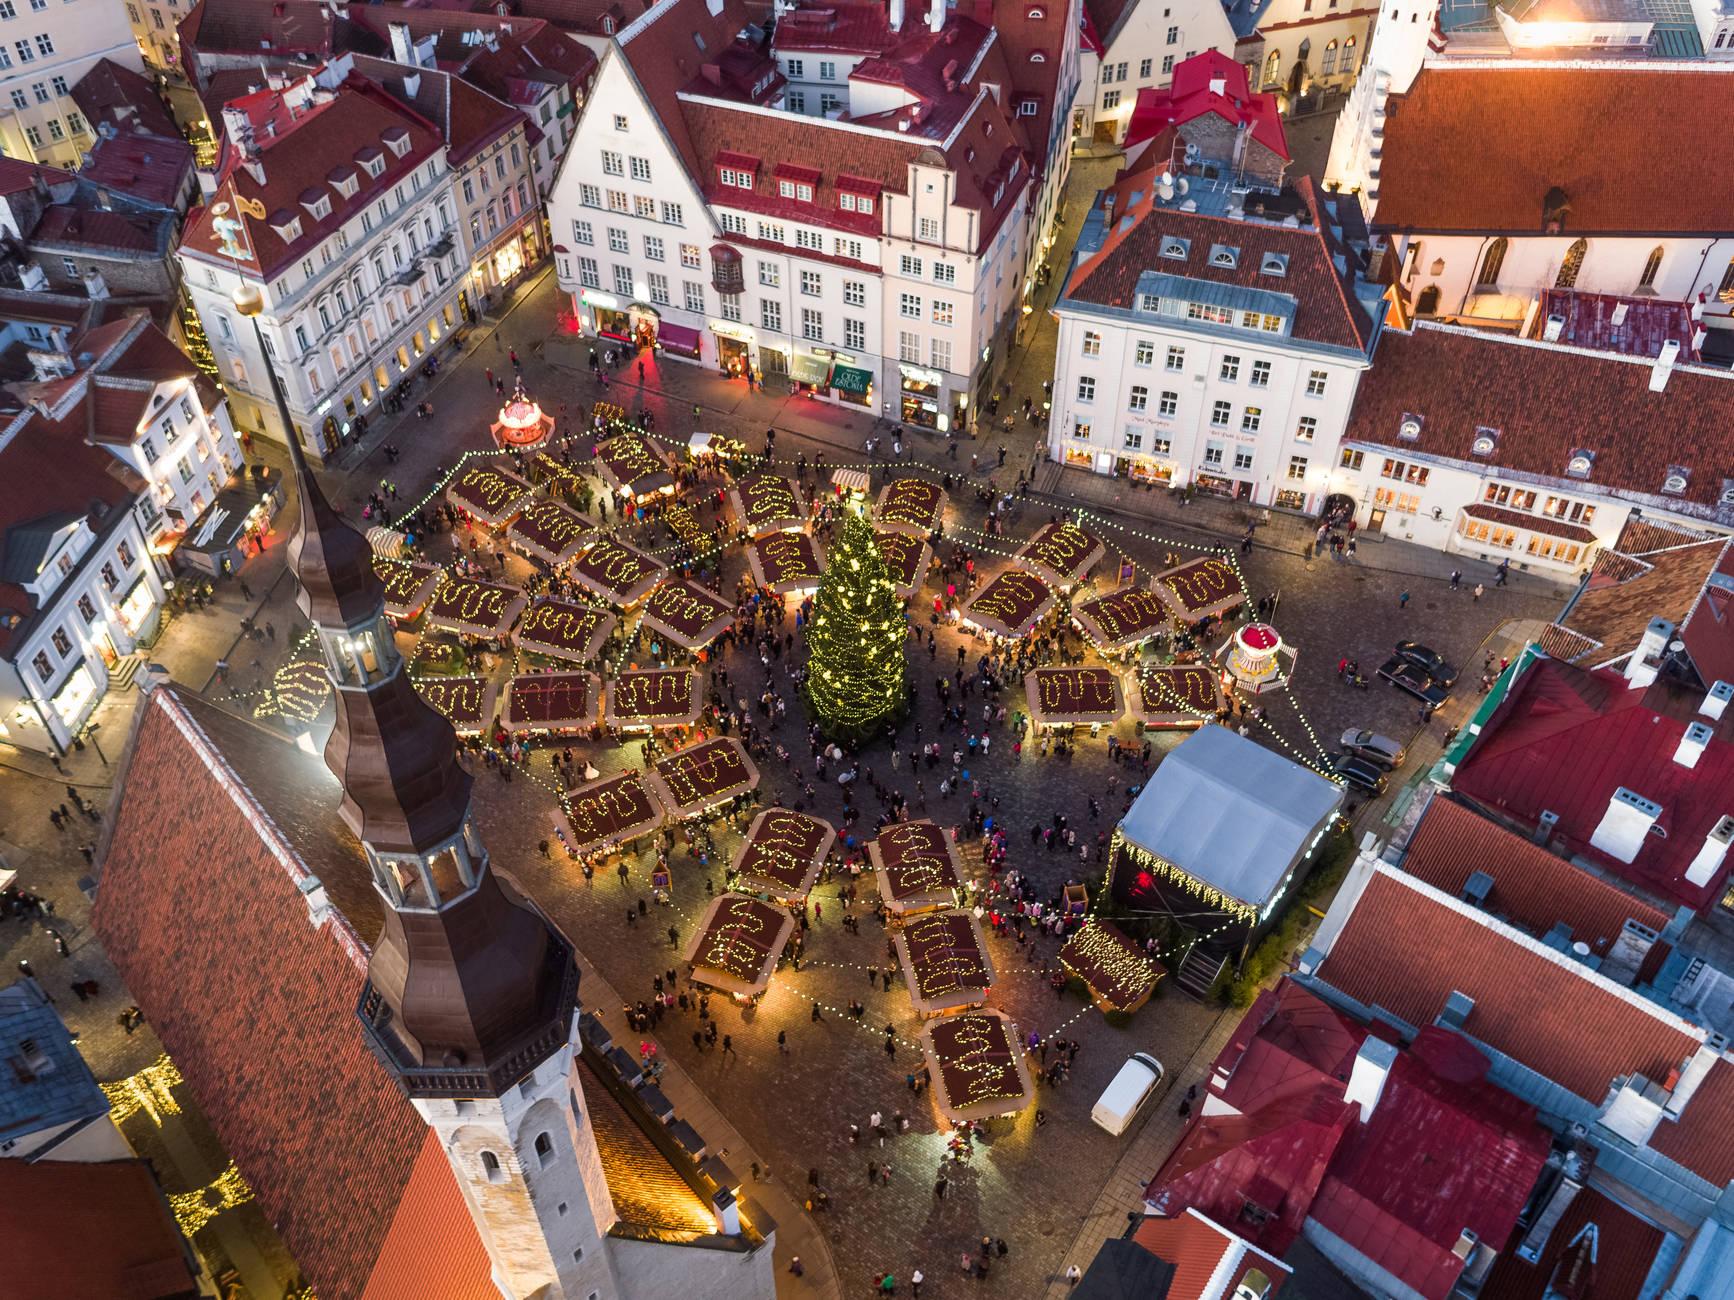 e00d3a60c02 Christmas fairs in Tallinn - VisitTallinn